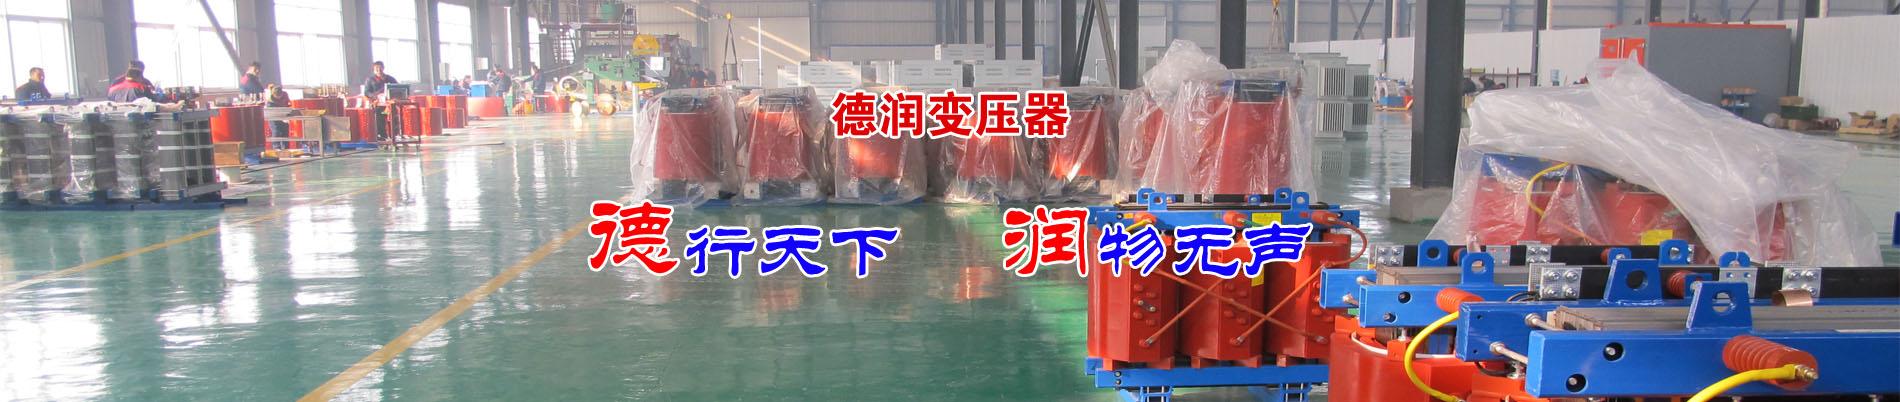 安庆干式变压器厂